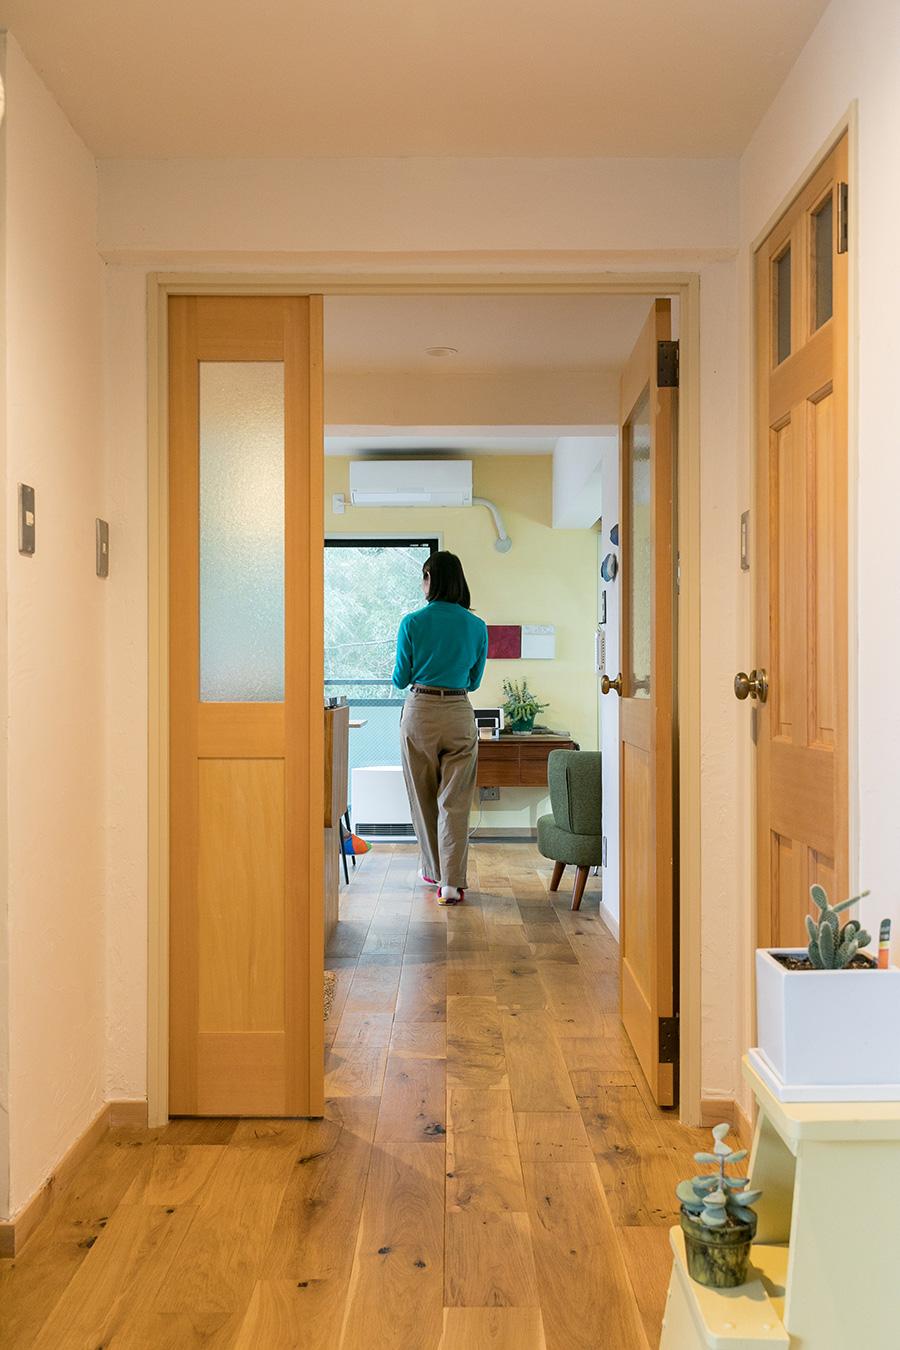 「入り口からリビングまでの抜け感が欲しかった」というYさん。玄関からリビングへと続くドアは空間を広く見せるため両開きタイプになっている。